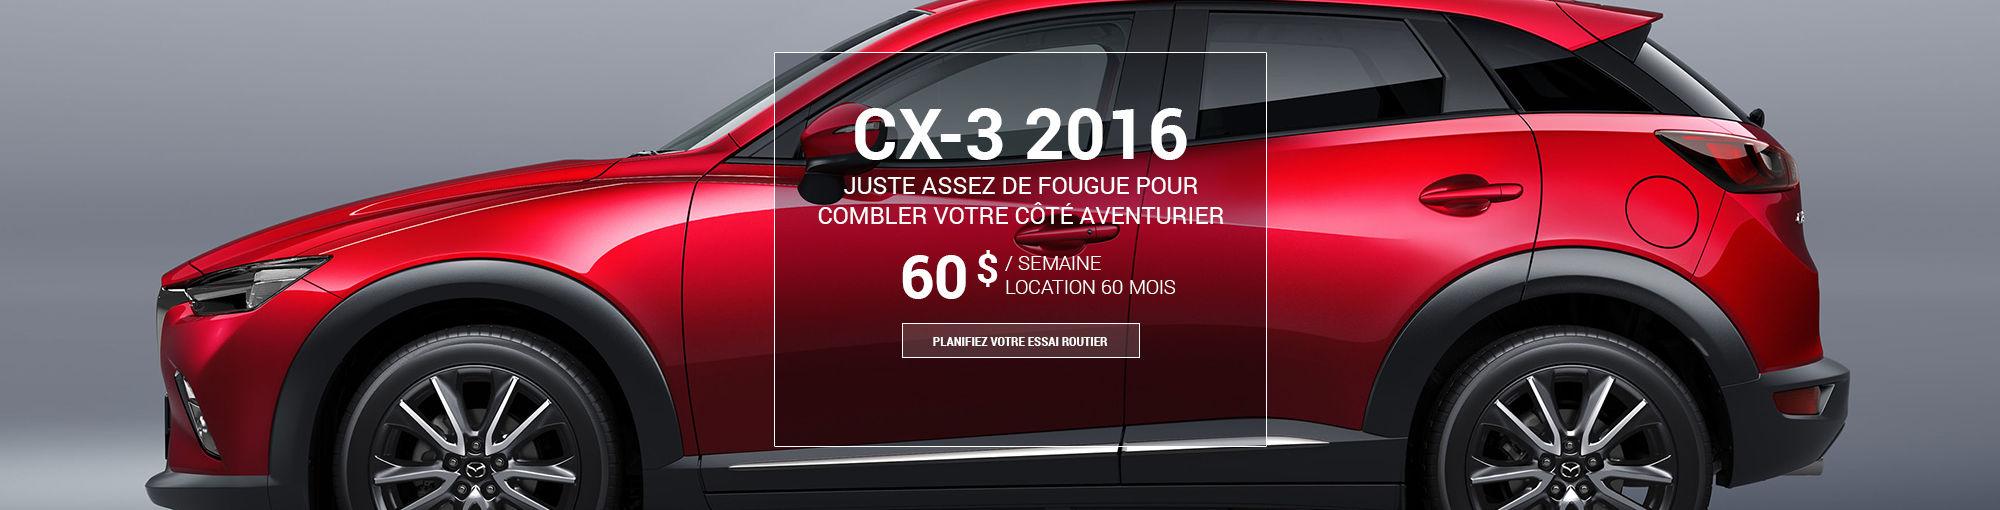 CX3 2016 - novembre 2015